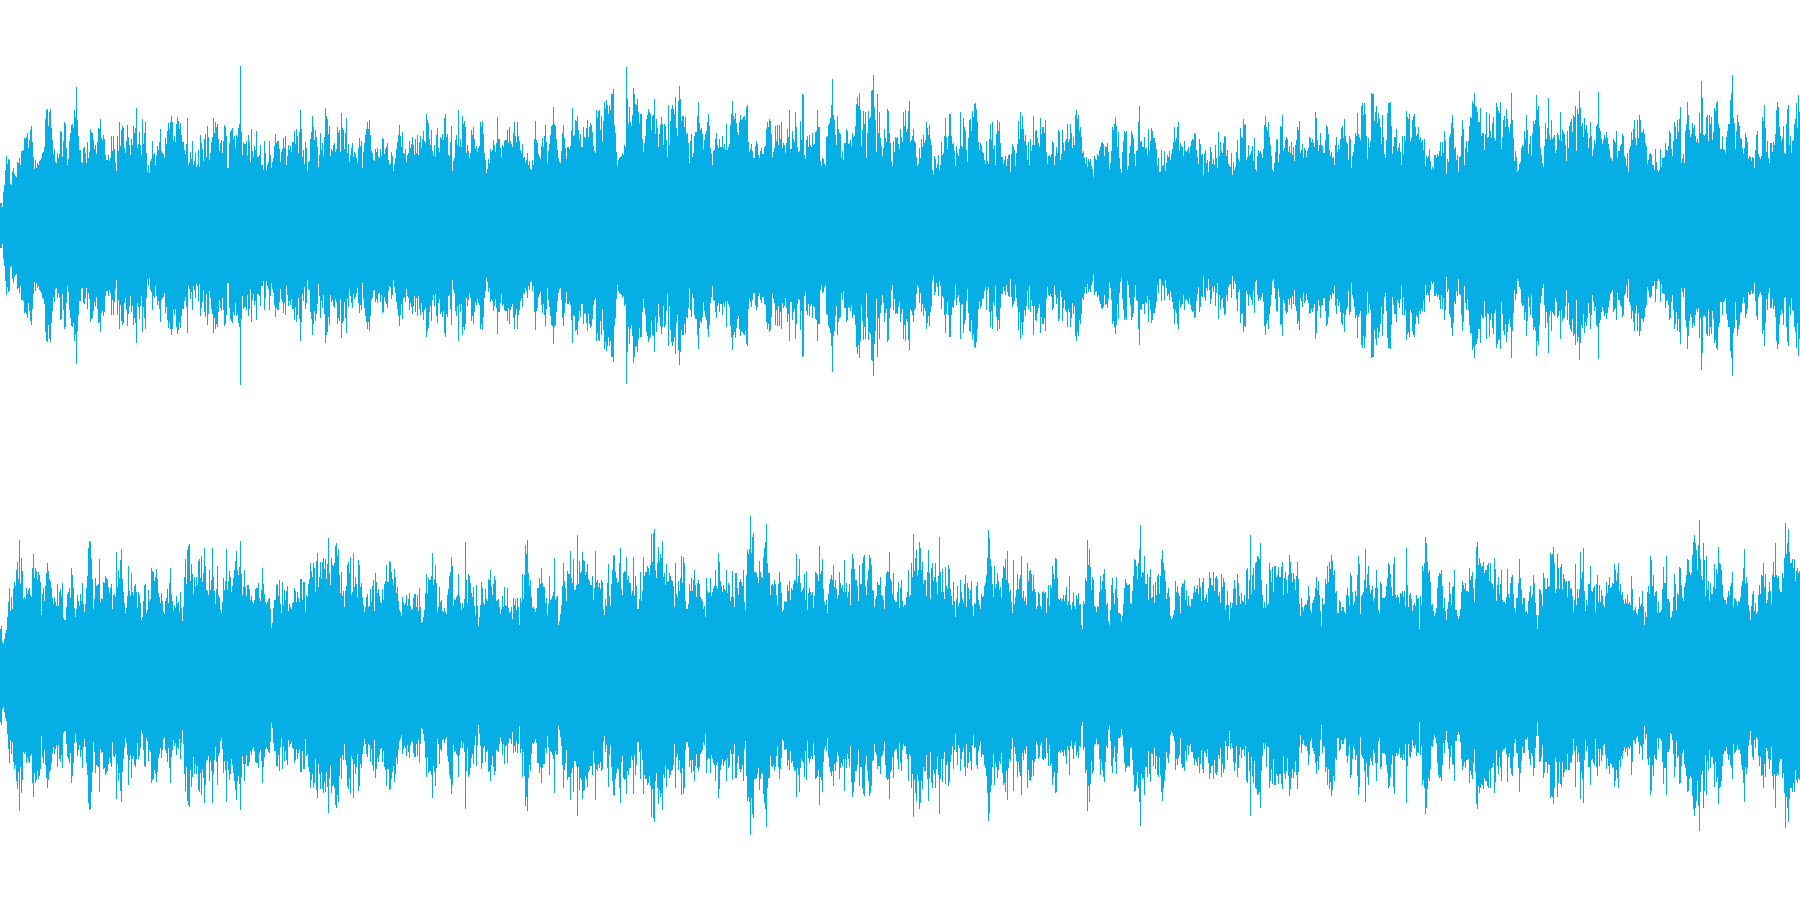 【ドラム・ベース抜き】浮遊感、宇宙感の…の再生済みの波形